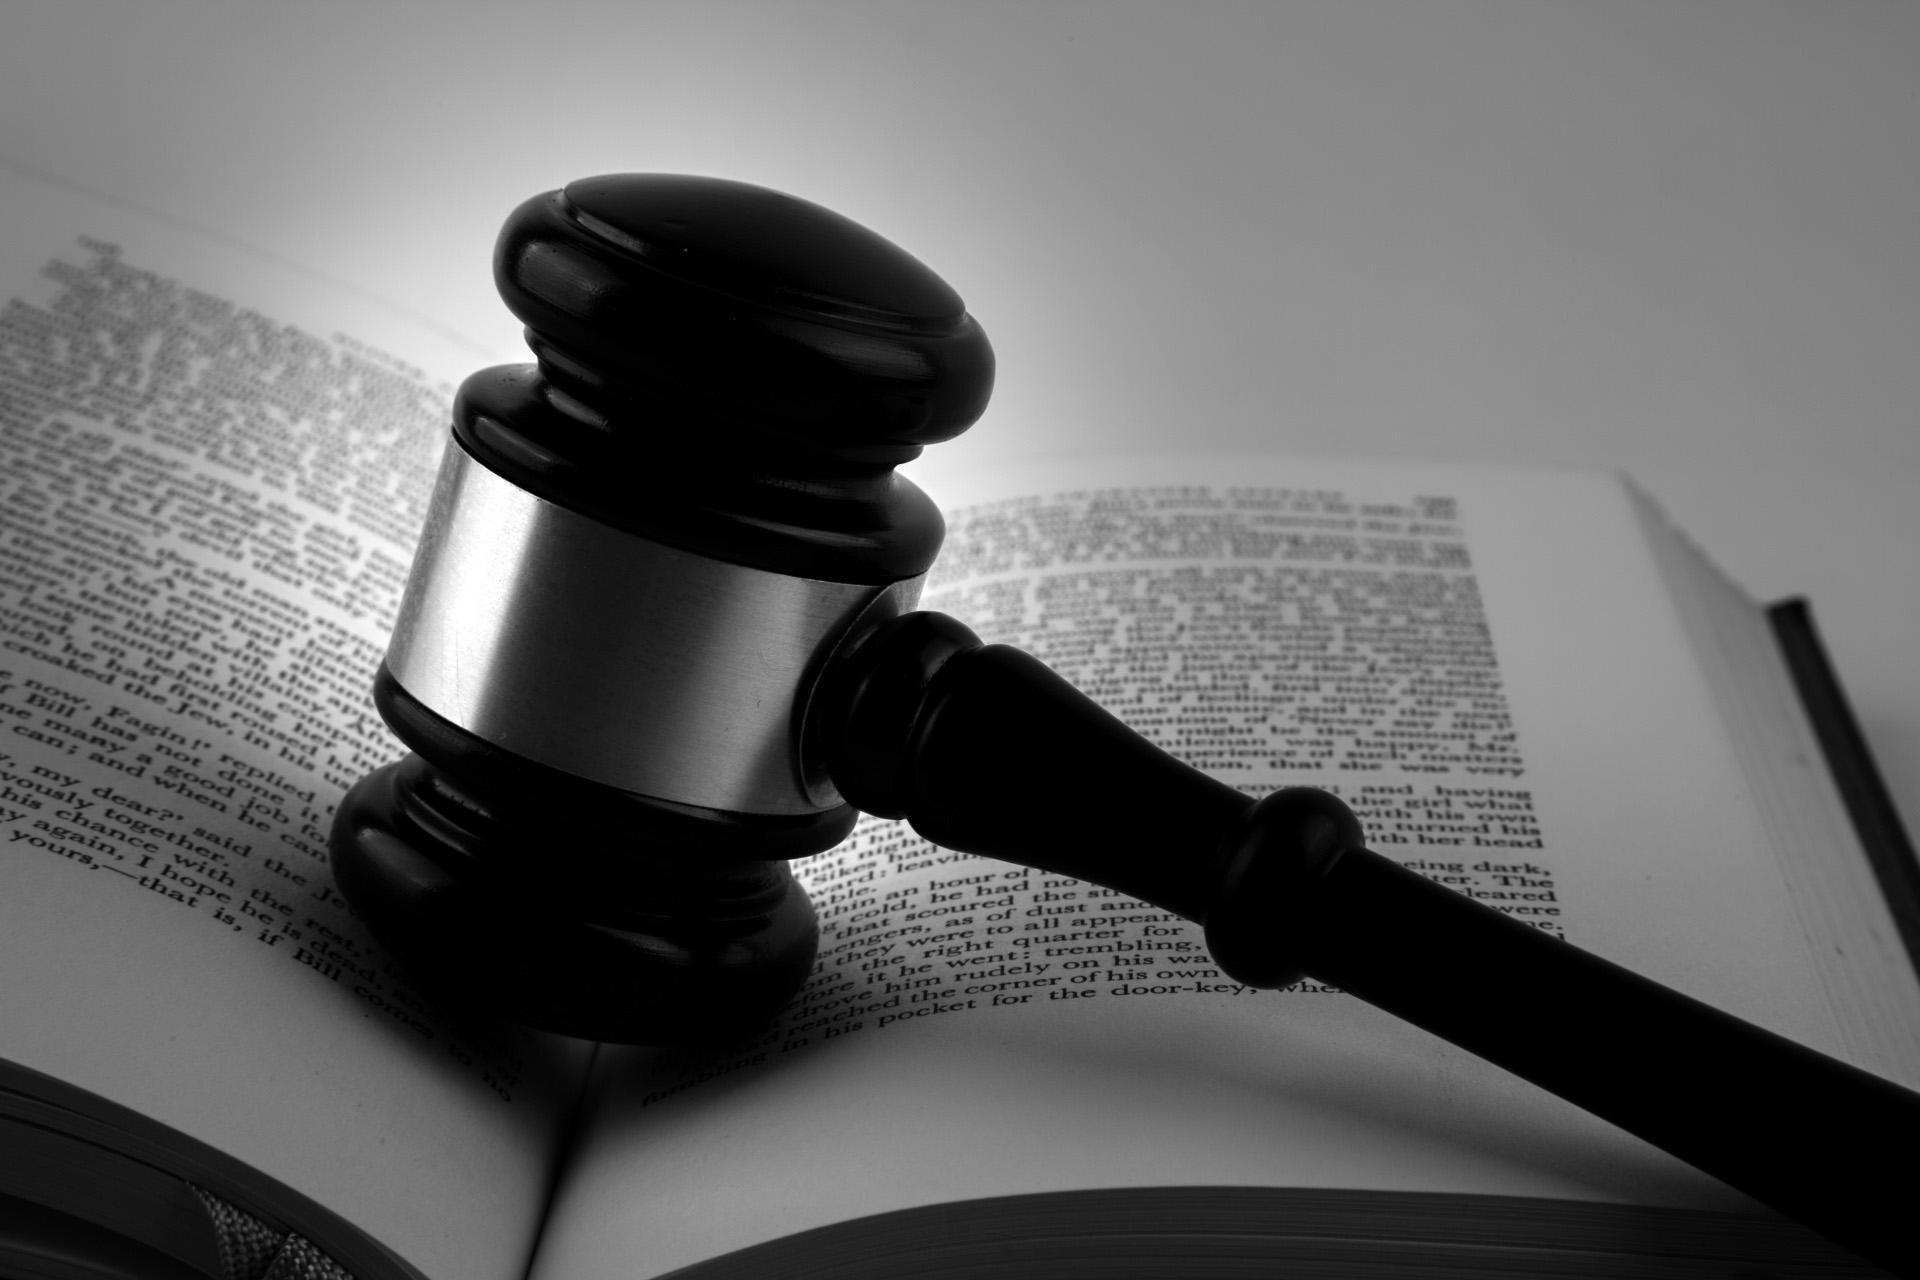 La Carta de Drets Fonamentals de la UE per a membres de la judicatura i fiscals - Madrid